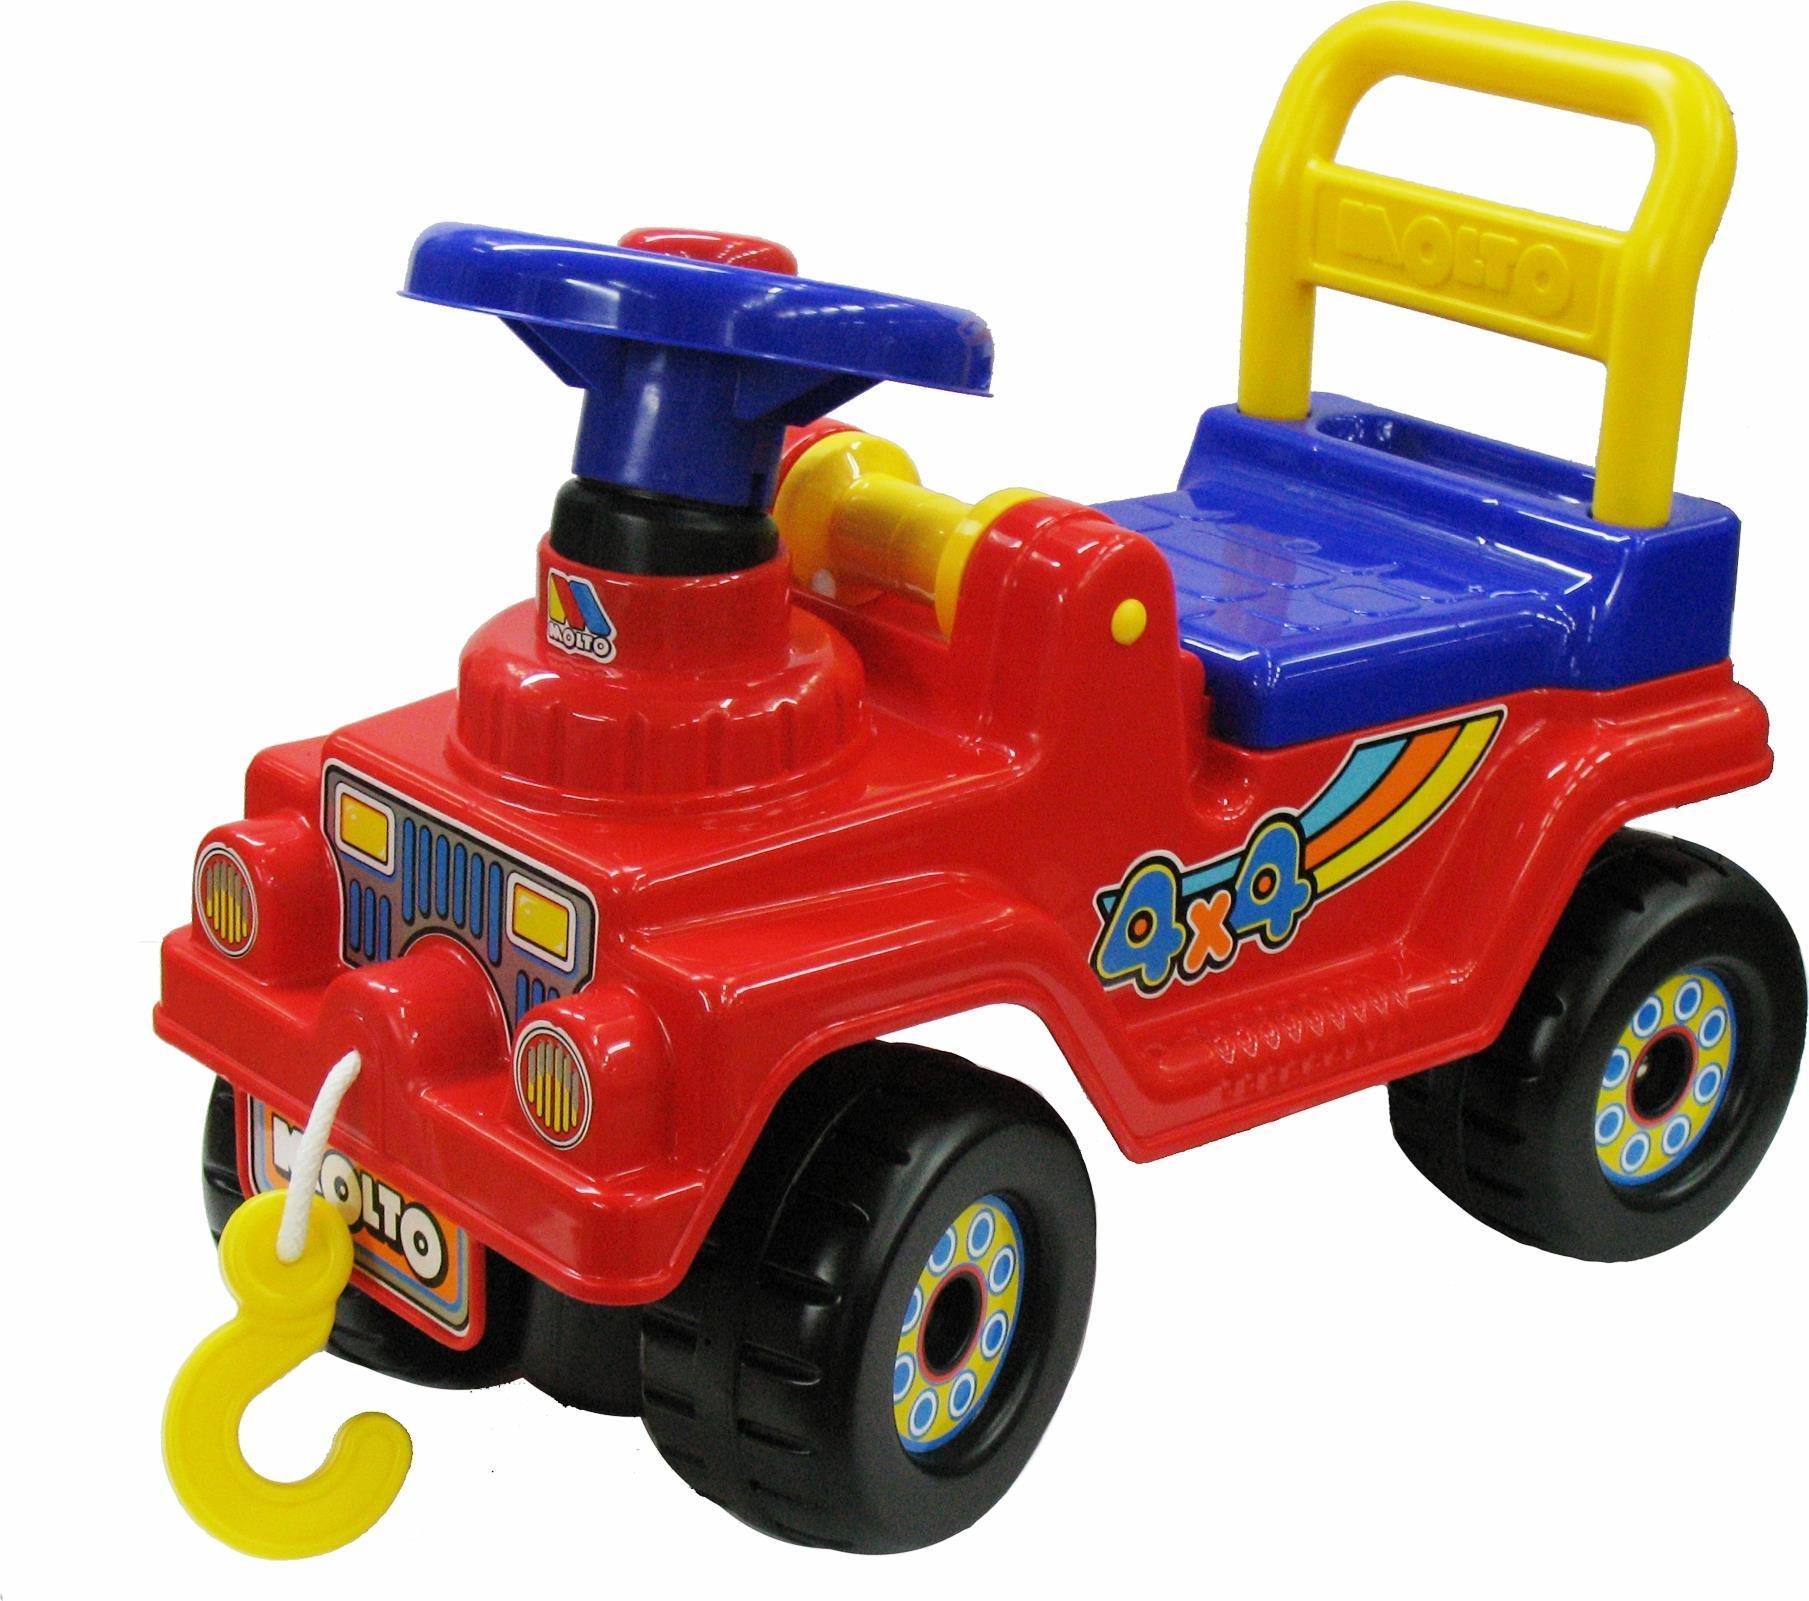 Джип 4х4 - №2, красныйМашинки-каталки для детей<br>Джип 4х4 - №2, красный<br>